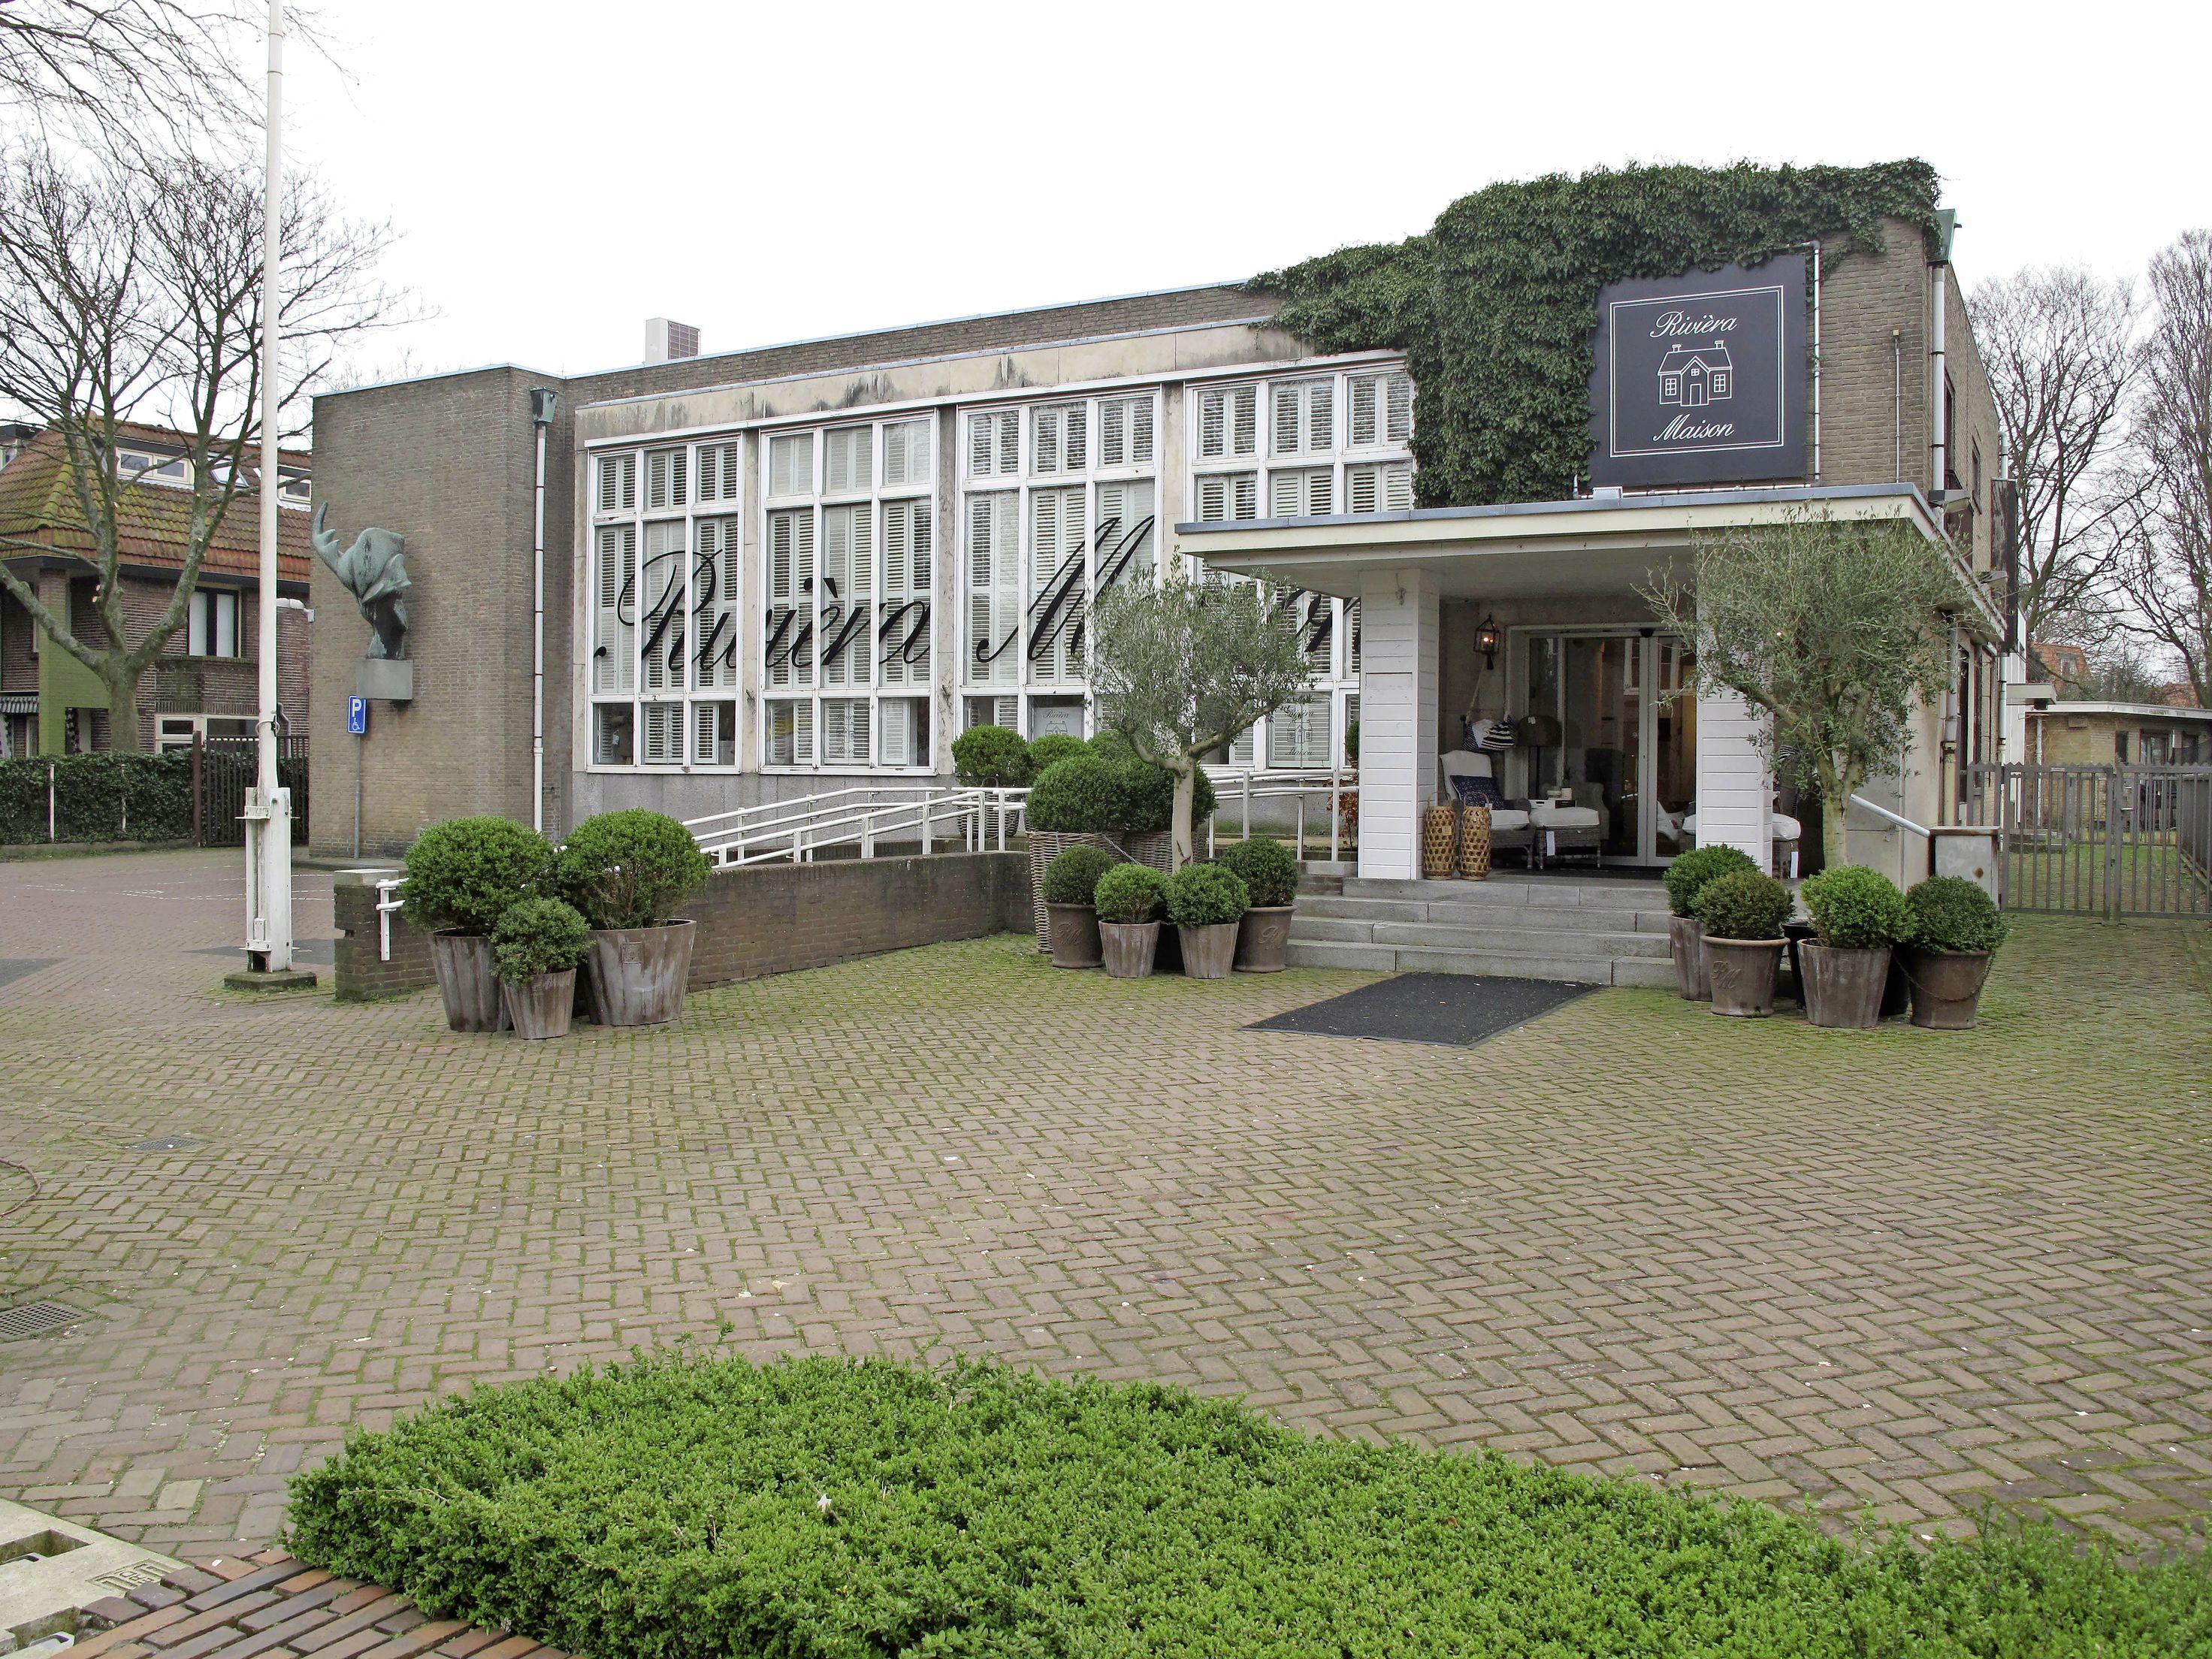 Oude postkantoor Heemstede wordt gesloopt: 'We worden gewoon belazerd'